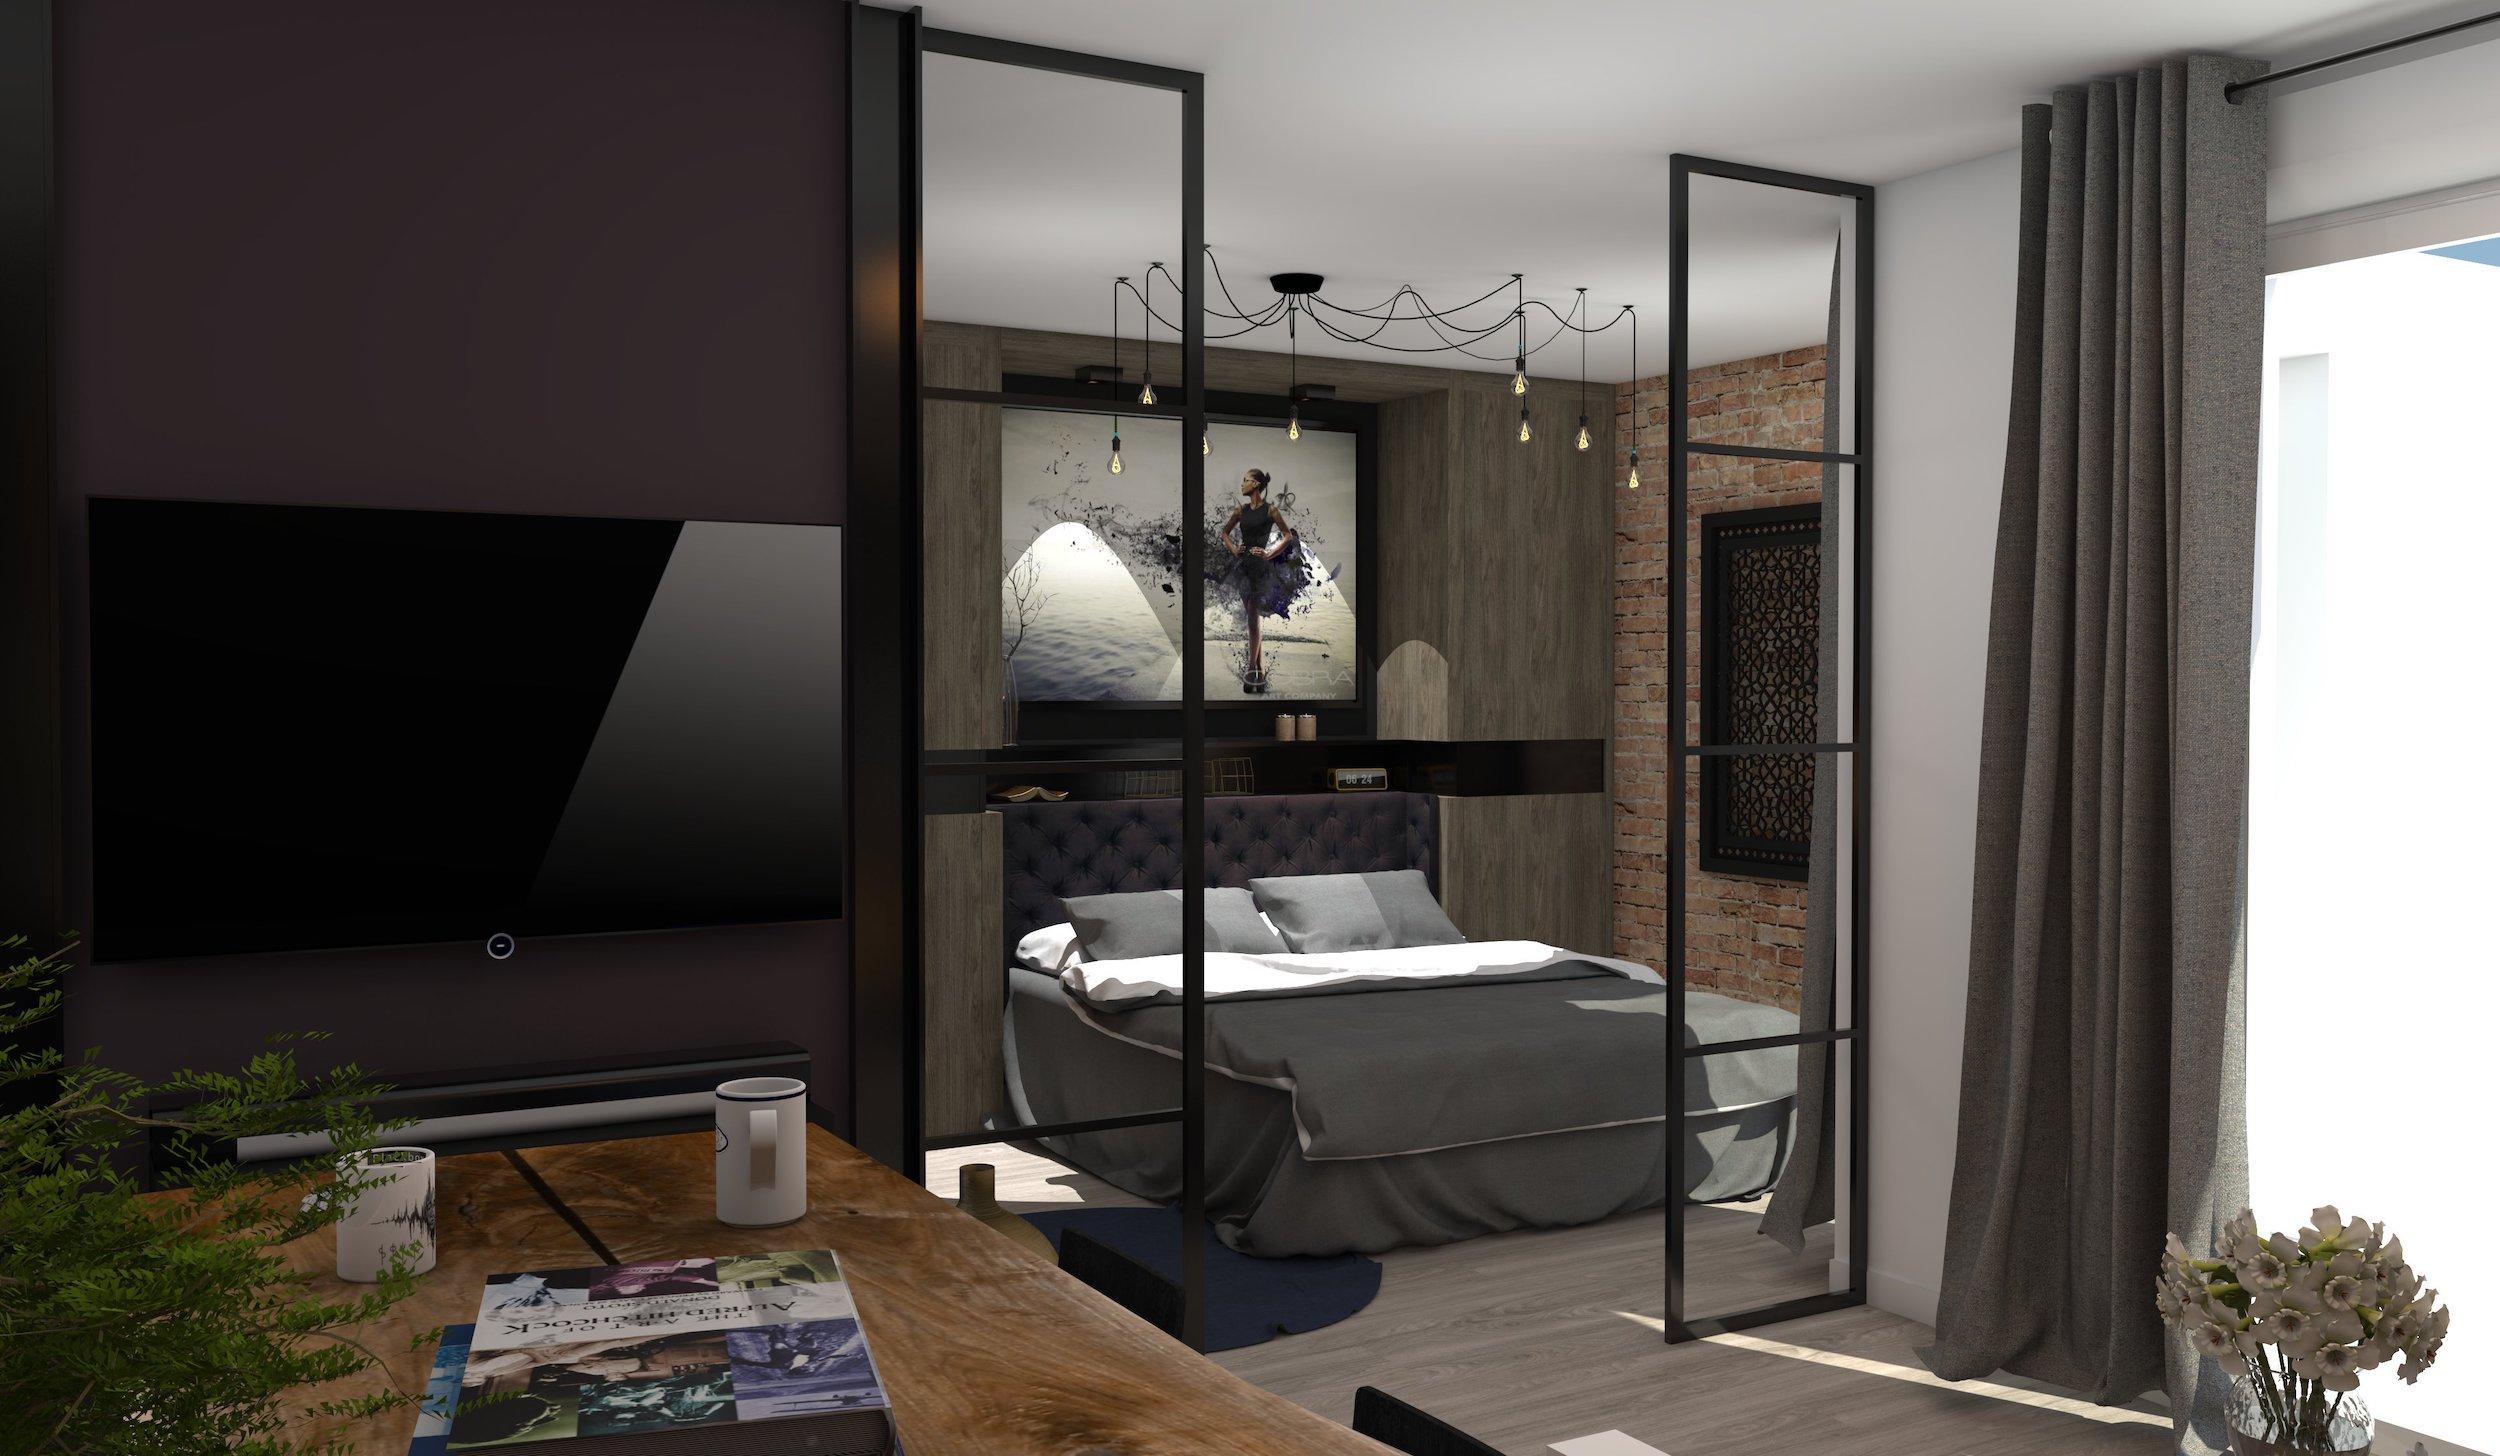 Rénovation-appartement-lagny-77-large-4